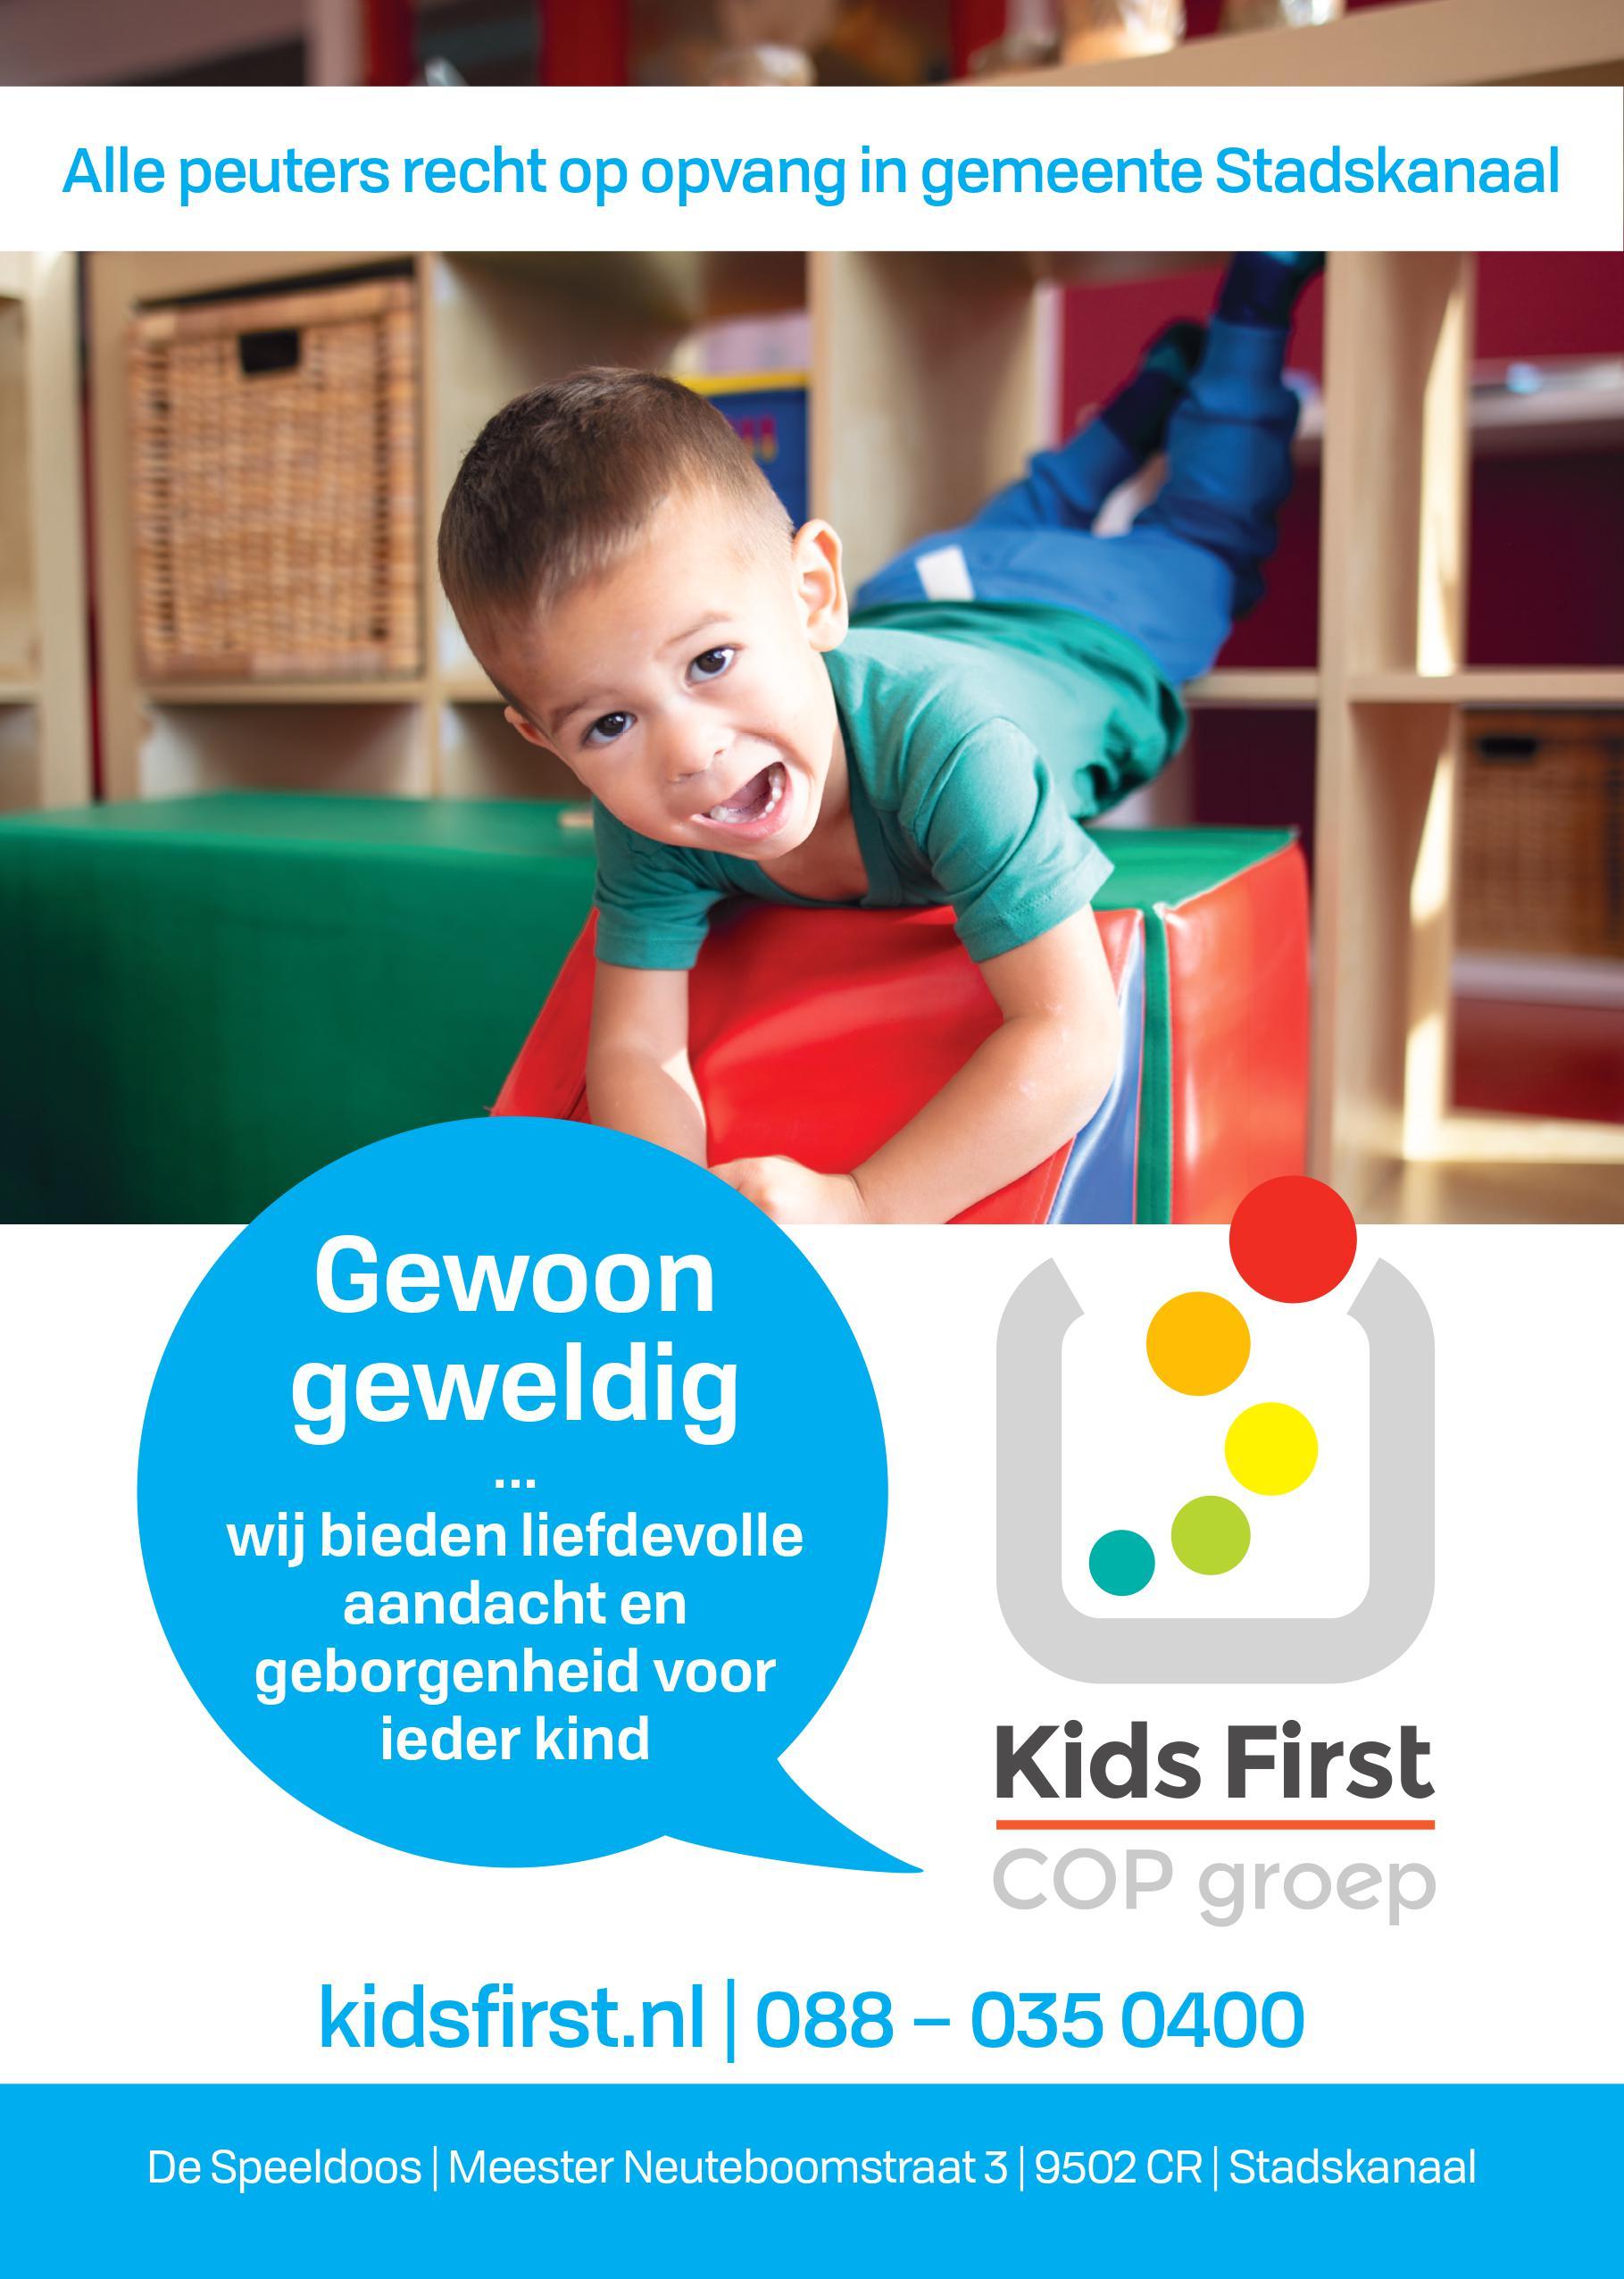 Peuteropvang De Speeldoos Stadskanaal - Kids First COP Groep